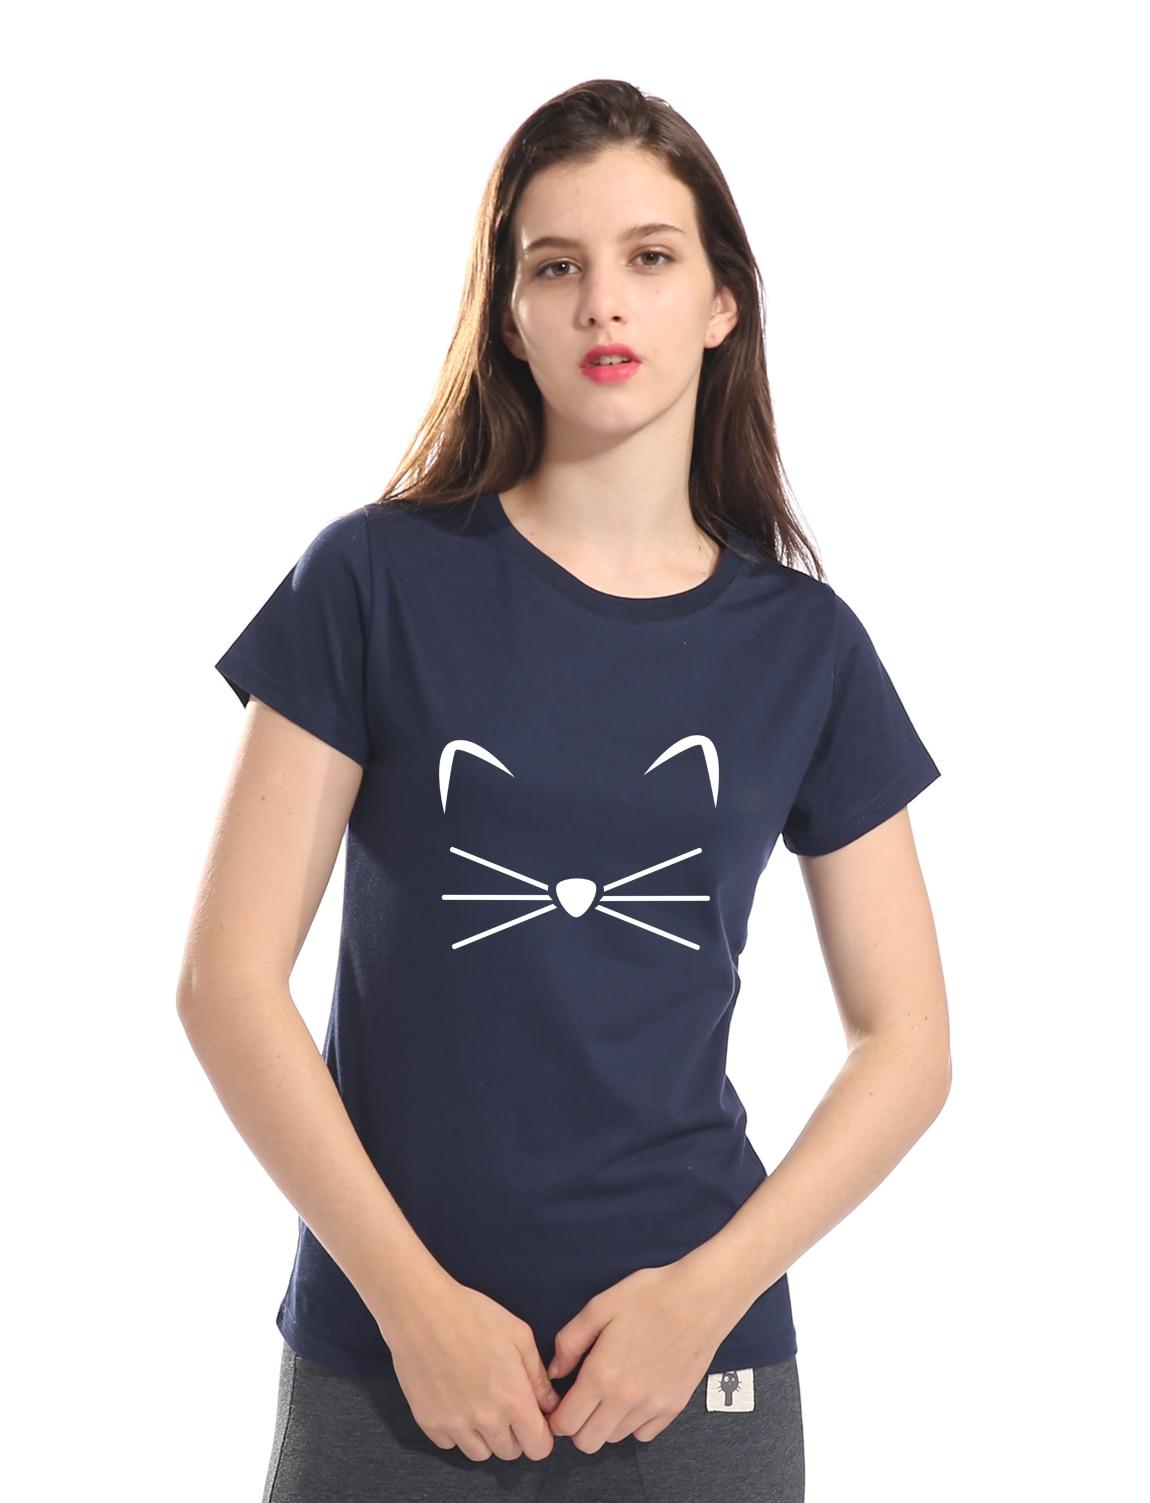 2018 Summer KITTY KITTEN Meow Print kawaii t shirt Wome shirt funny stick figures cute t-shirt women fashion brand harajuku tops